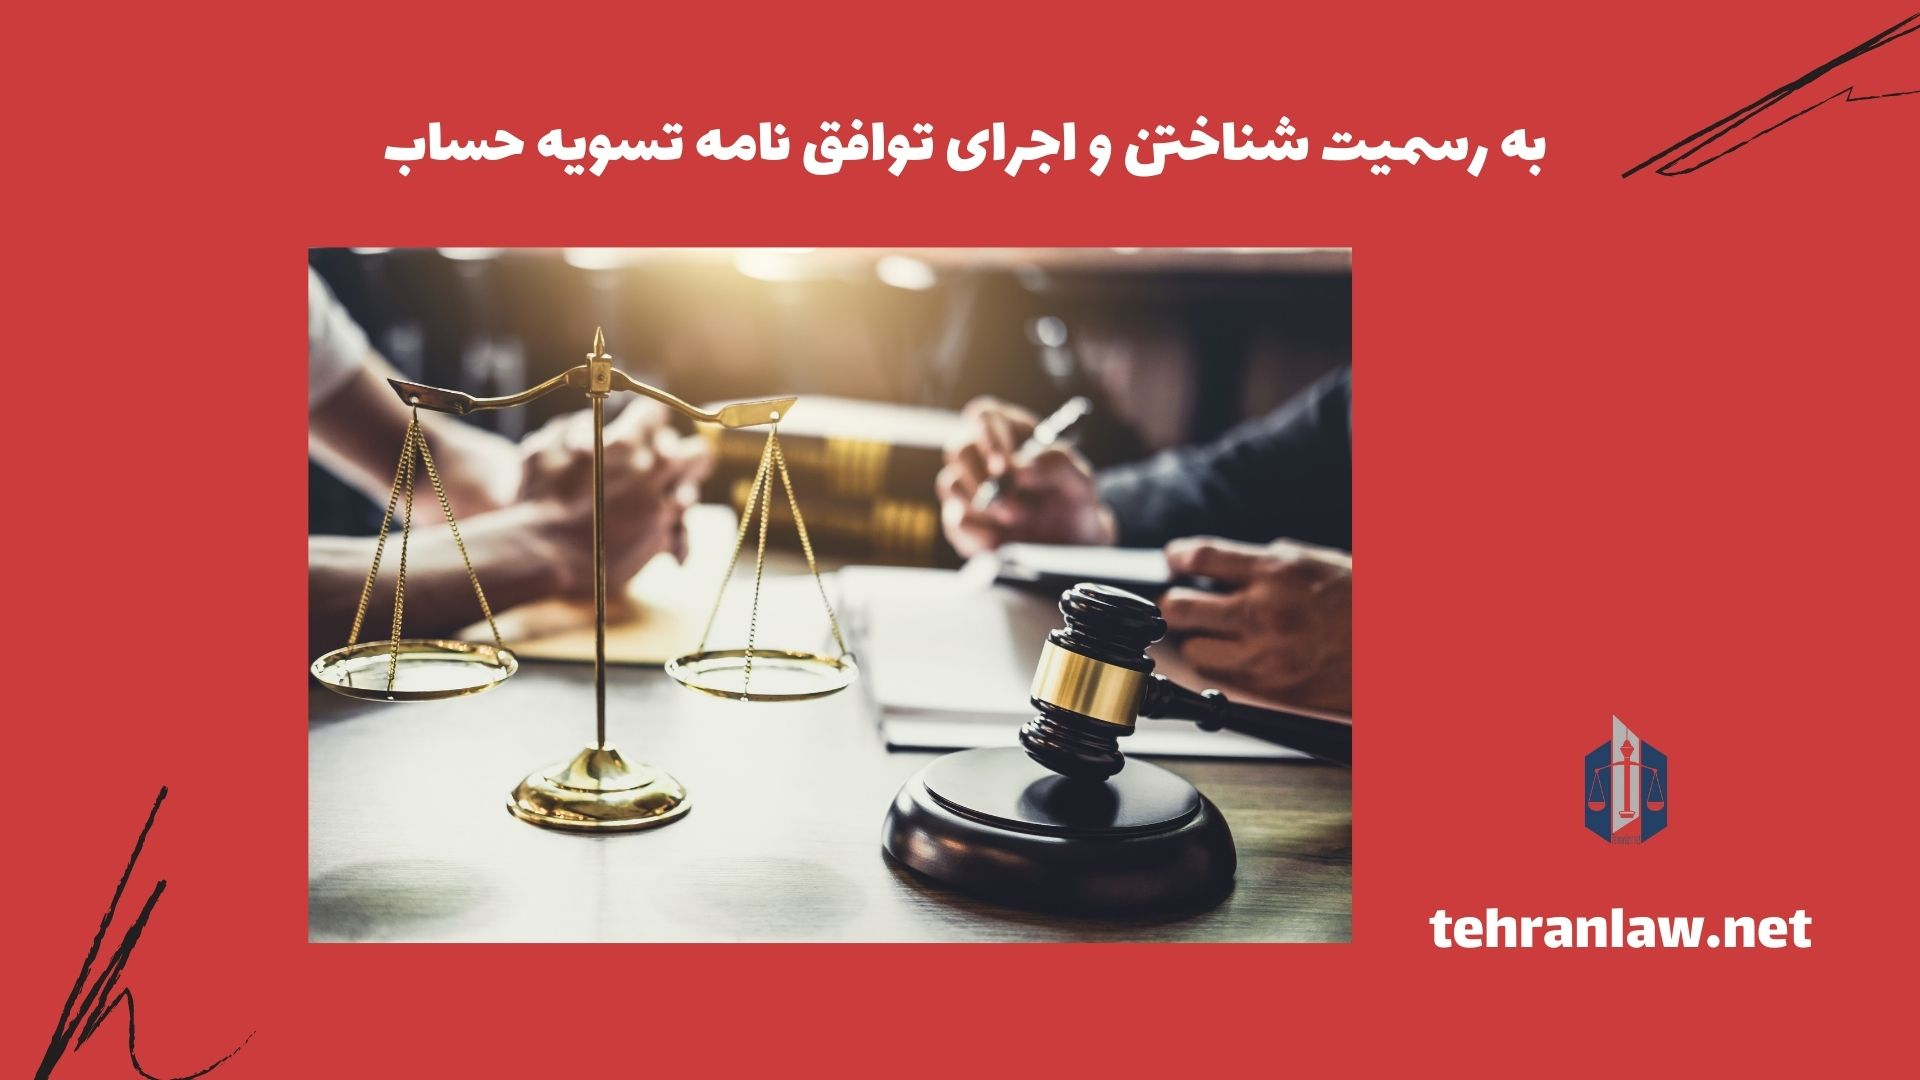 به رسمیت شناختن و اجرای توافق نامه تسویه حساب